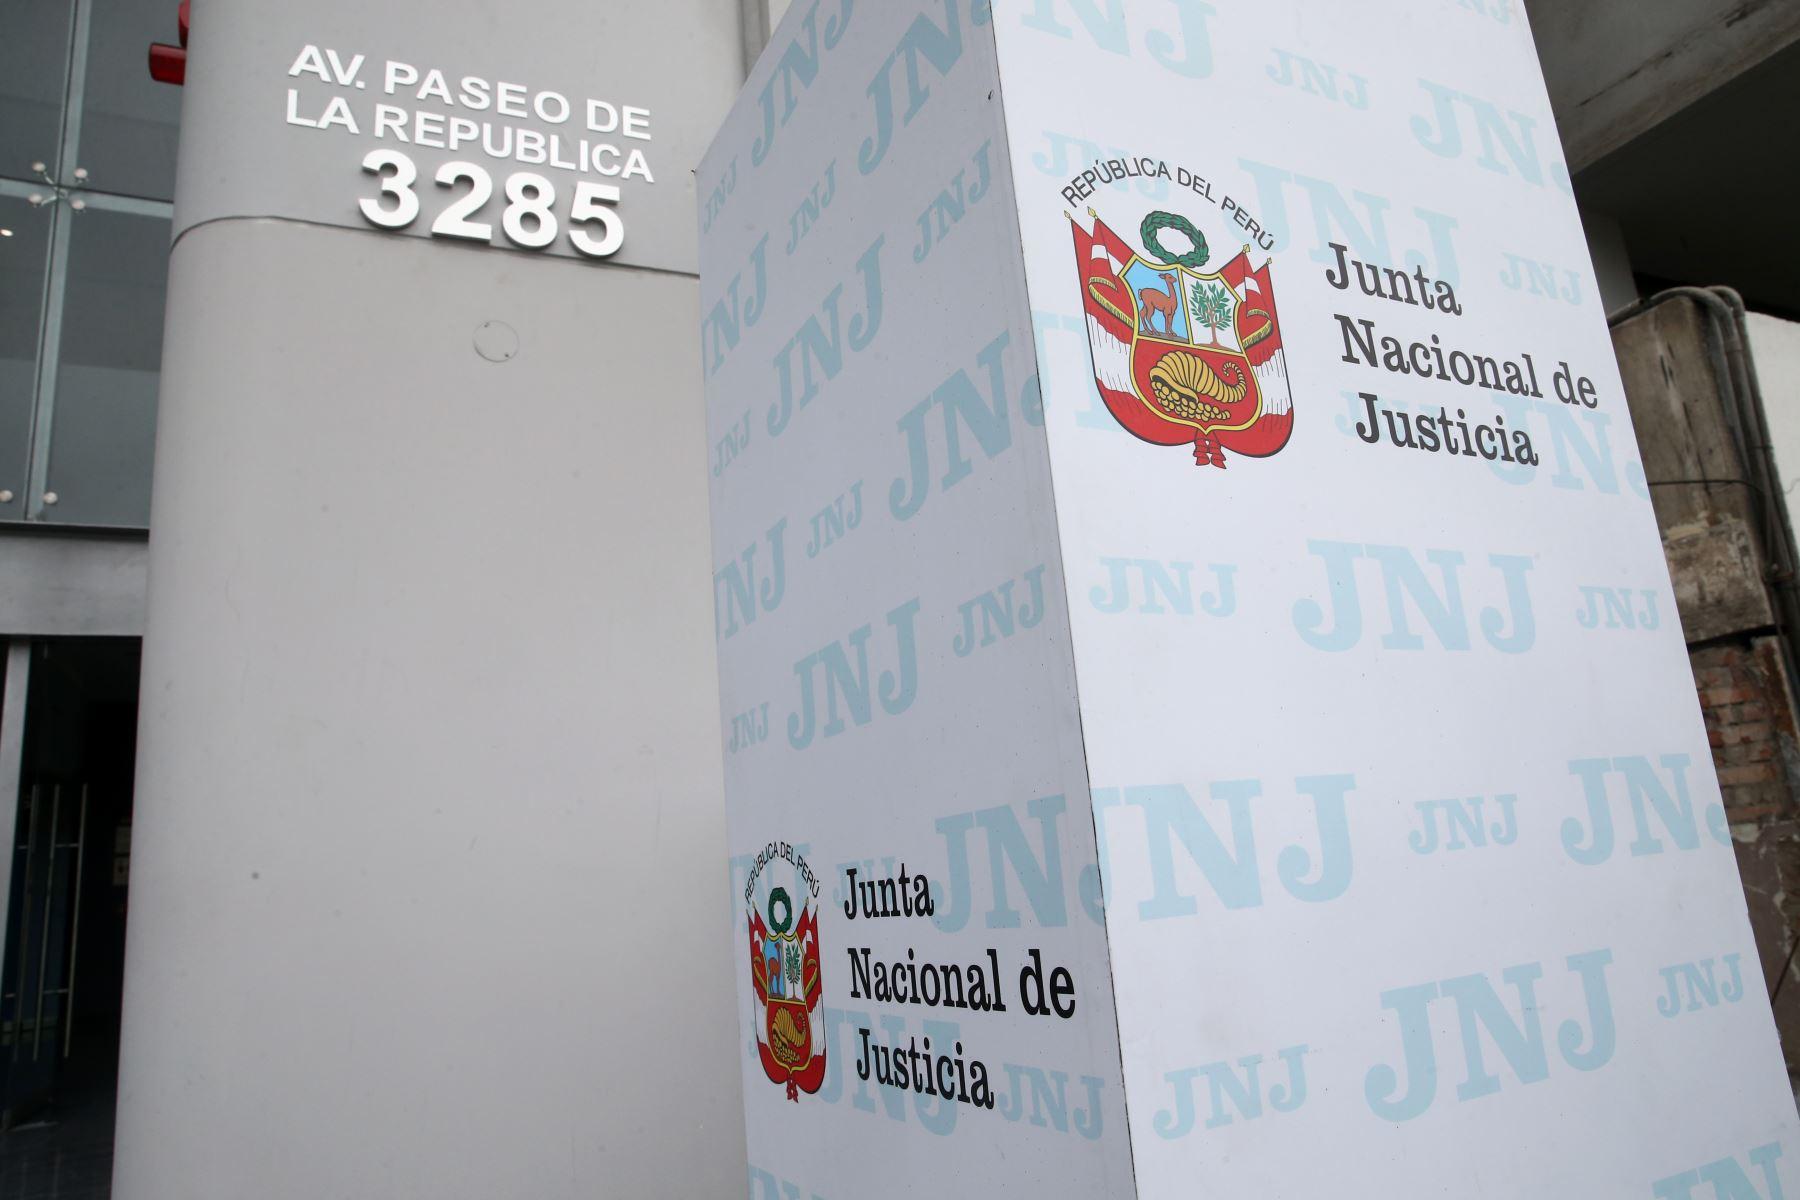 JNJ: oficializan ampliación de plazo para revisar acciones de desaparecido CNM